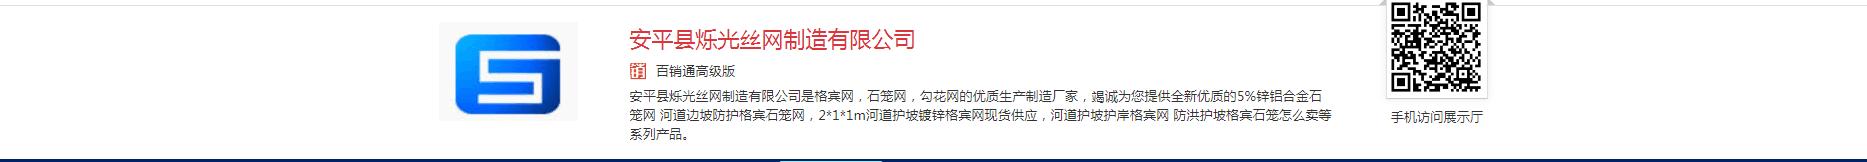 安平县烁光丝网制造有限公司